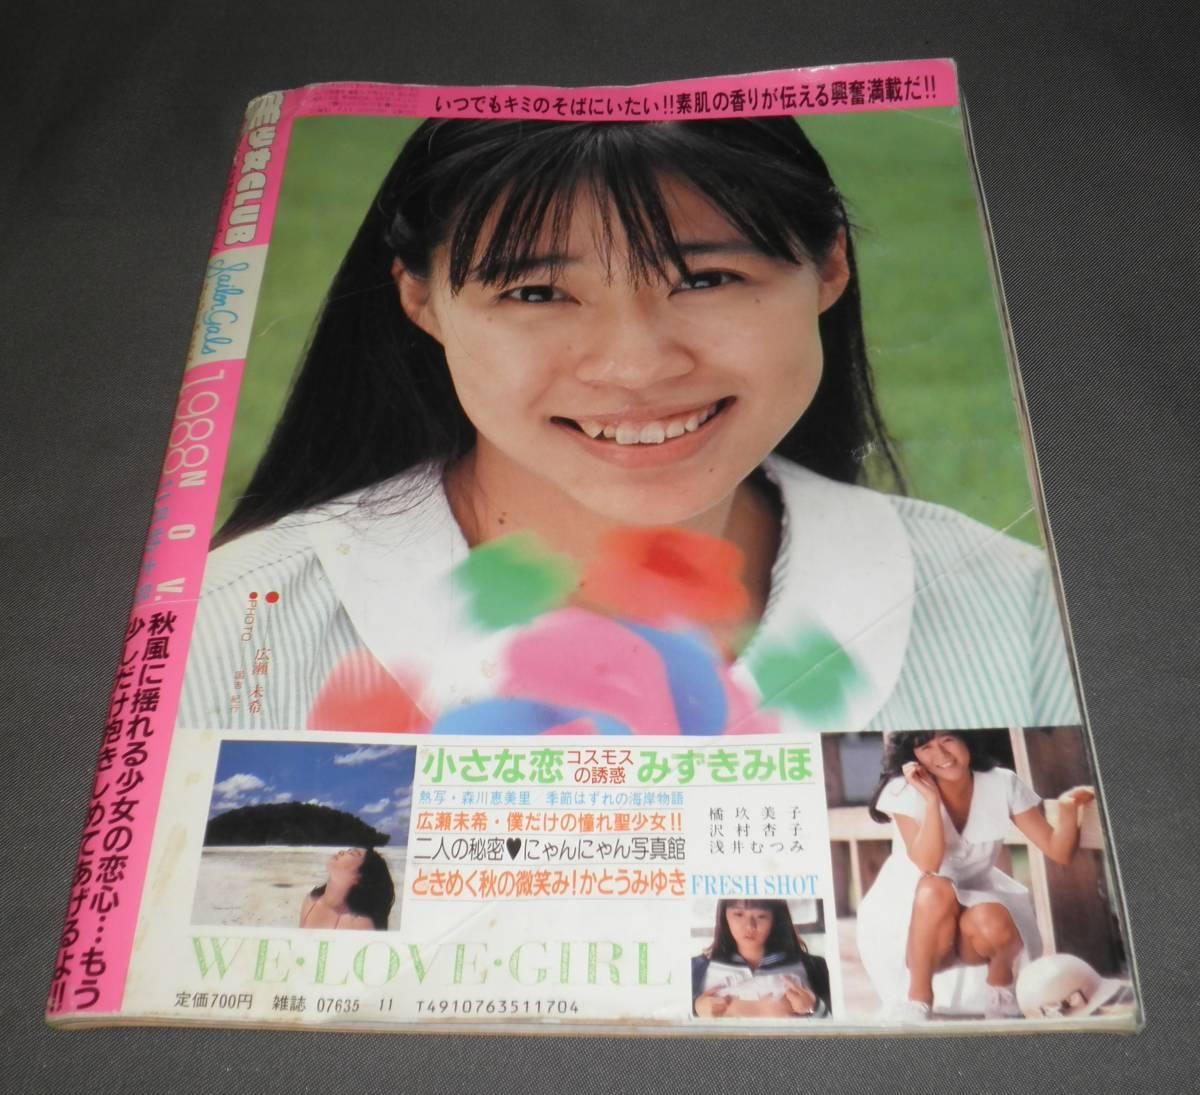 美少女CLUB ヌード IV動画】美少女パイパン倶楽部 みくる - ☆Free JAV IV ...